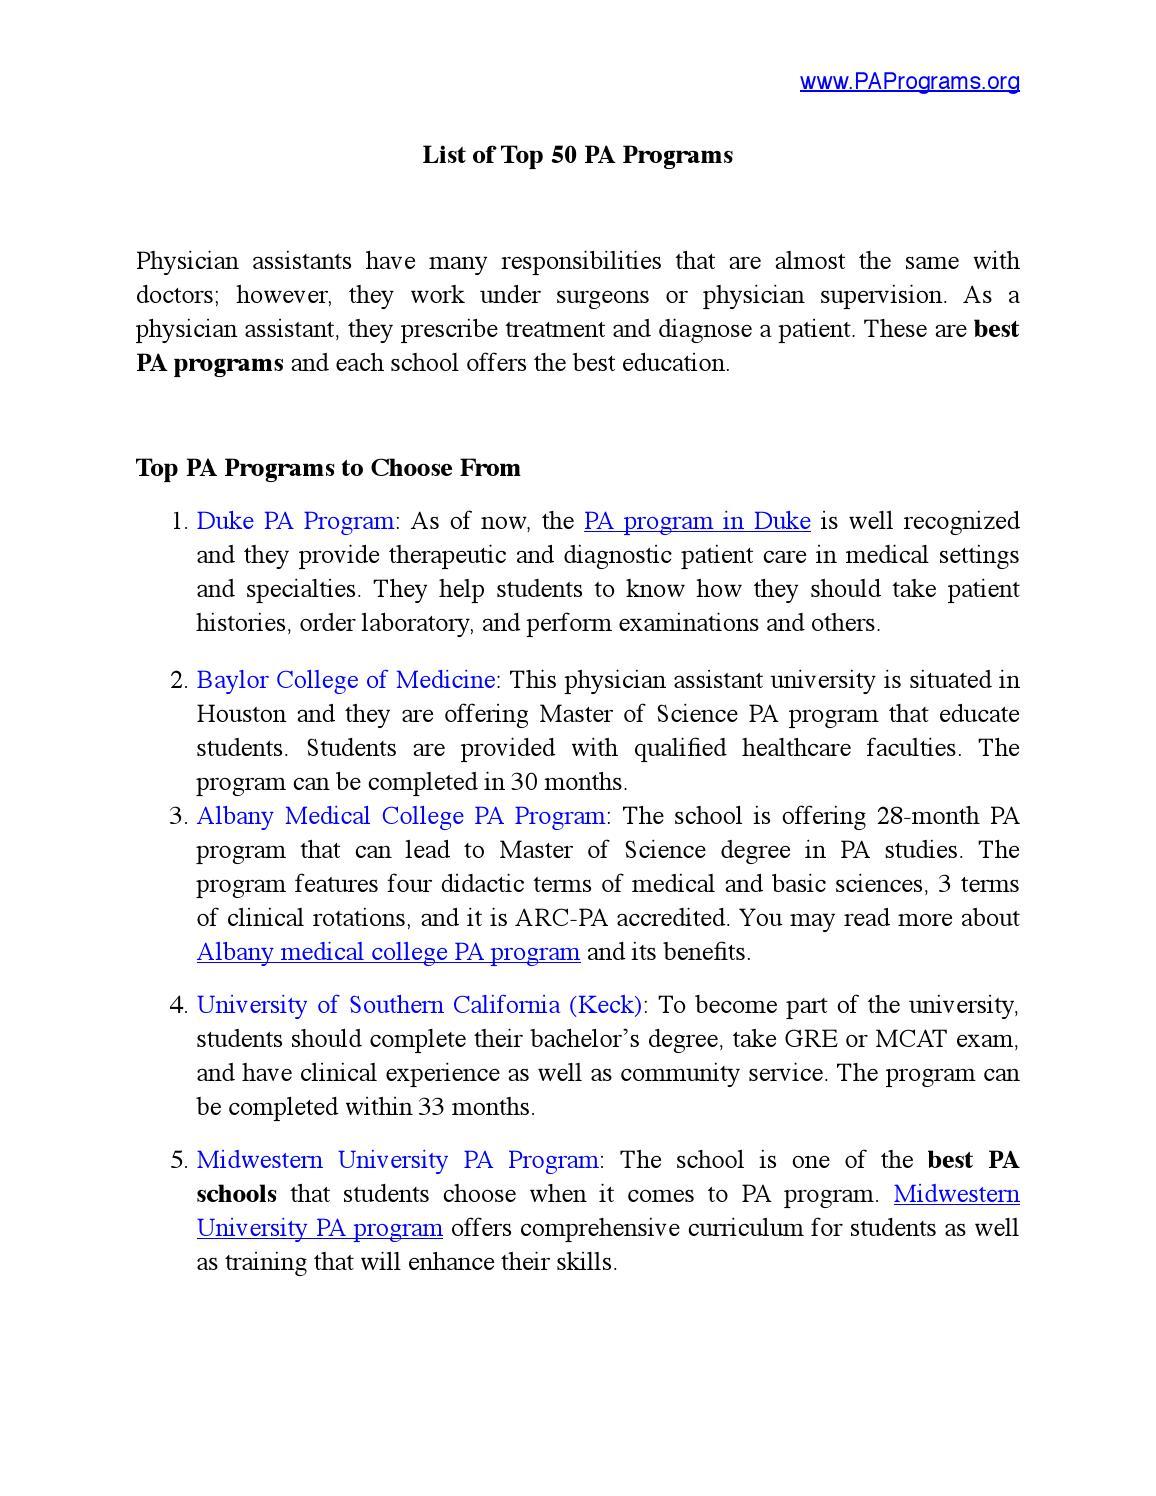 Best Pa Schools >> Best 50 Pa Programs By Pa Programs Issuu